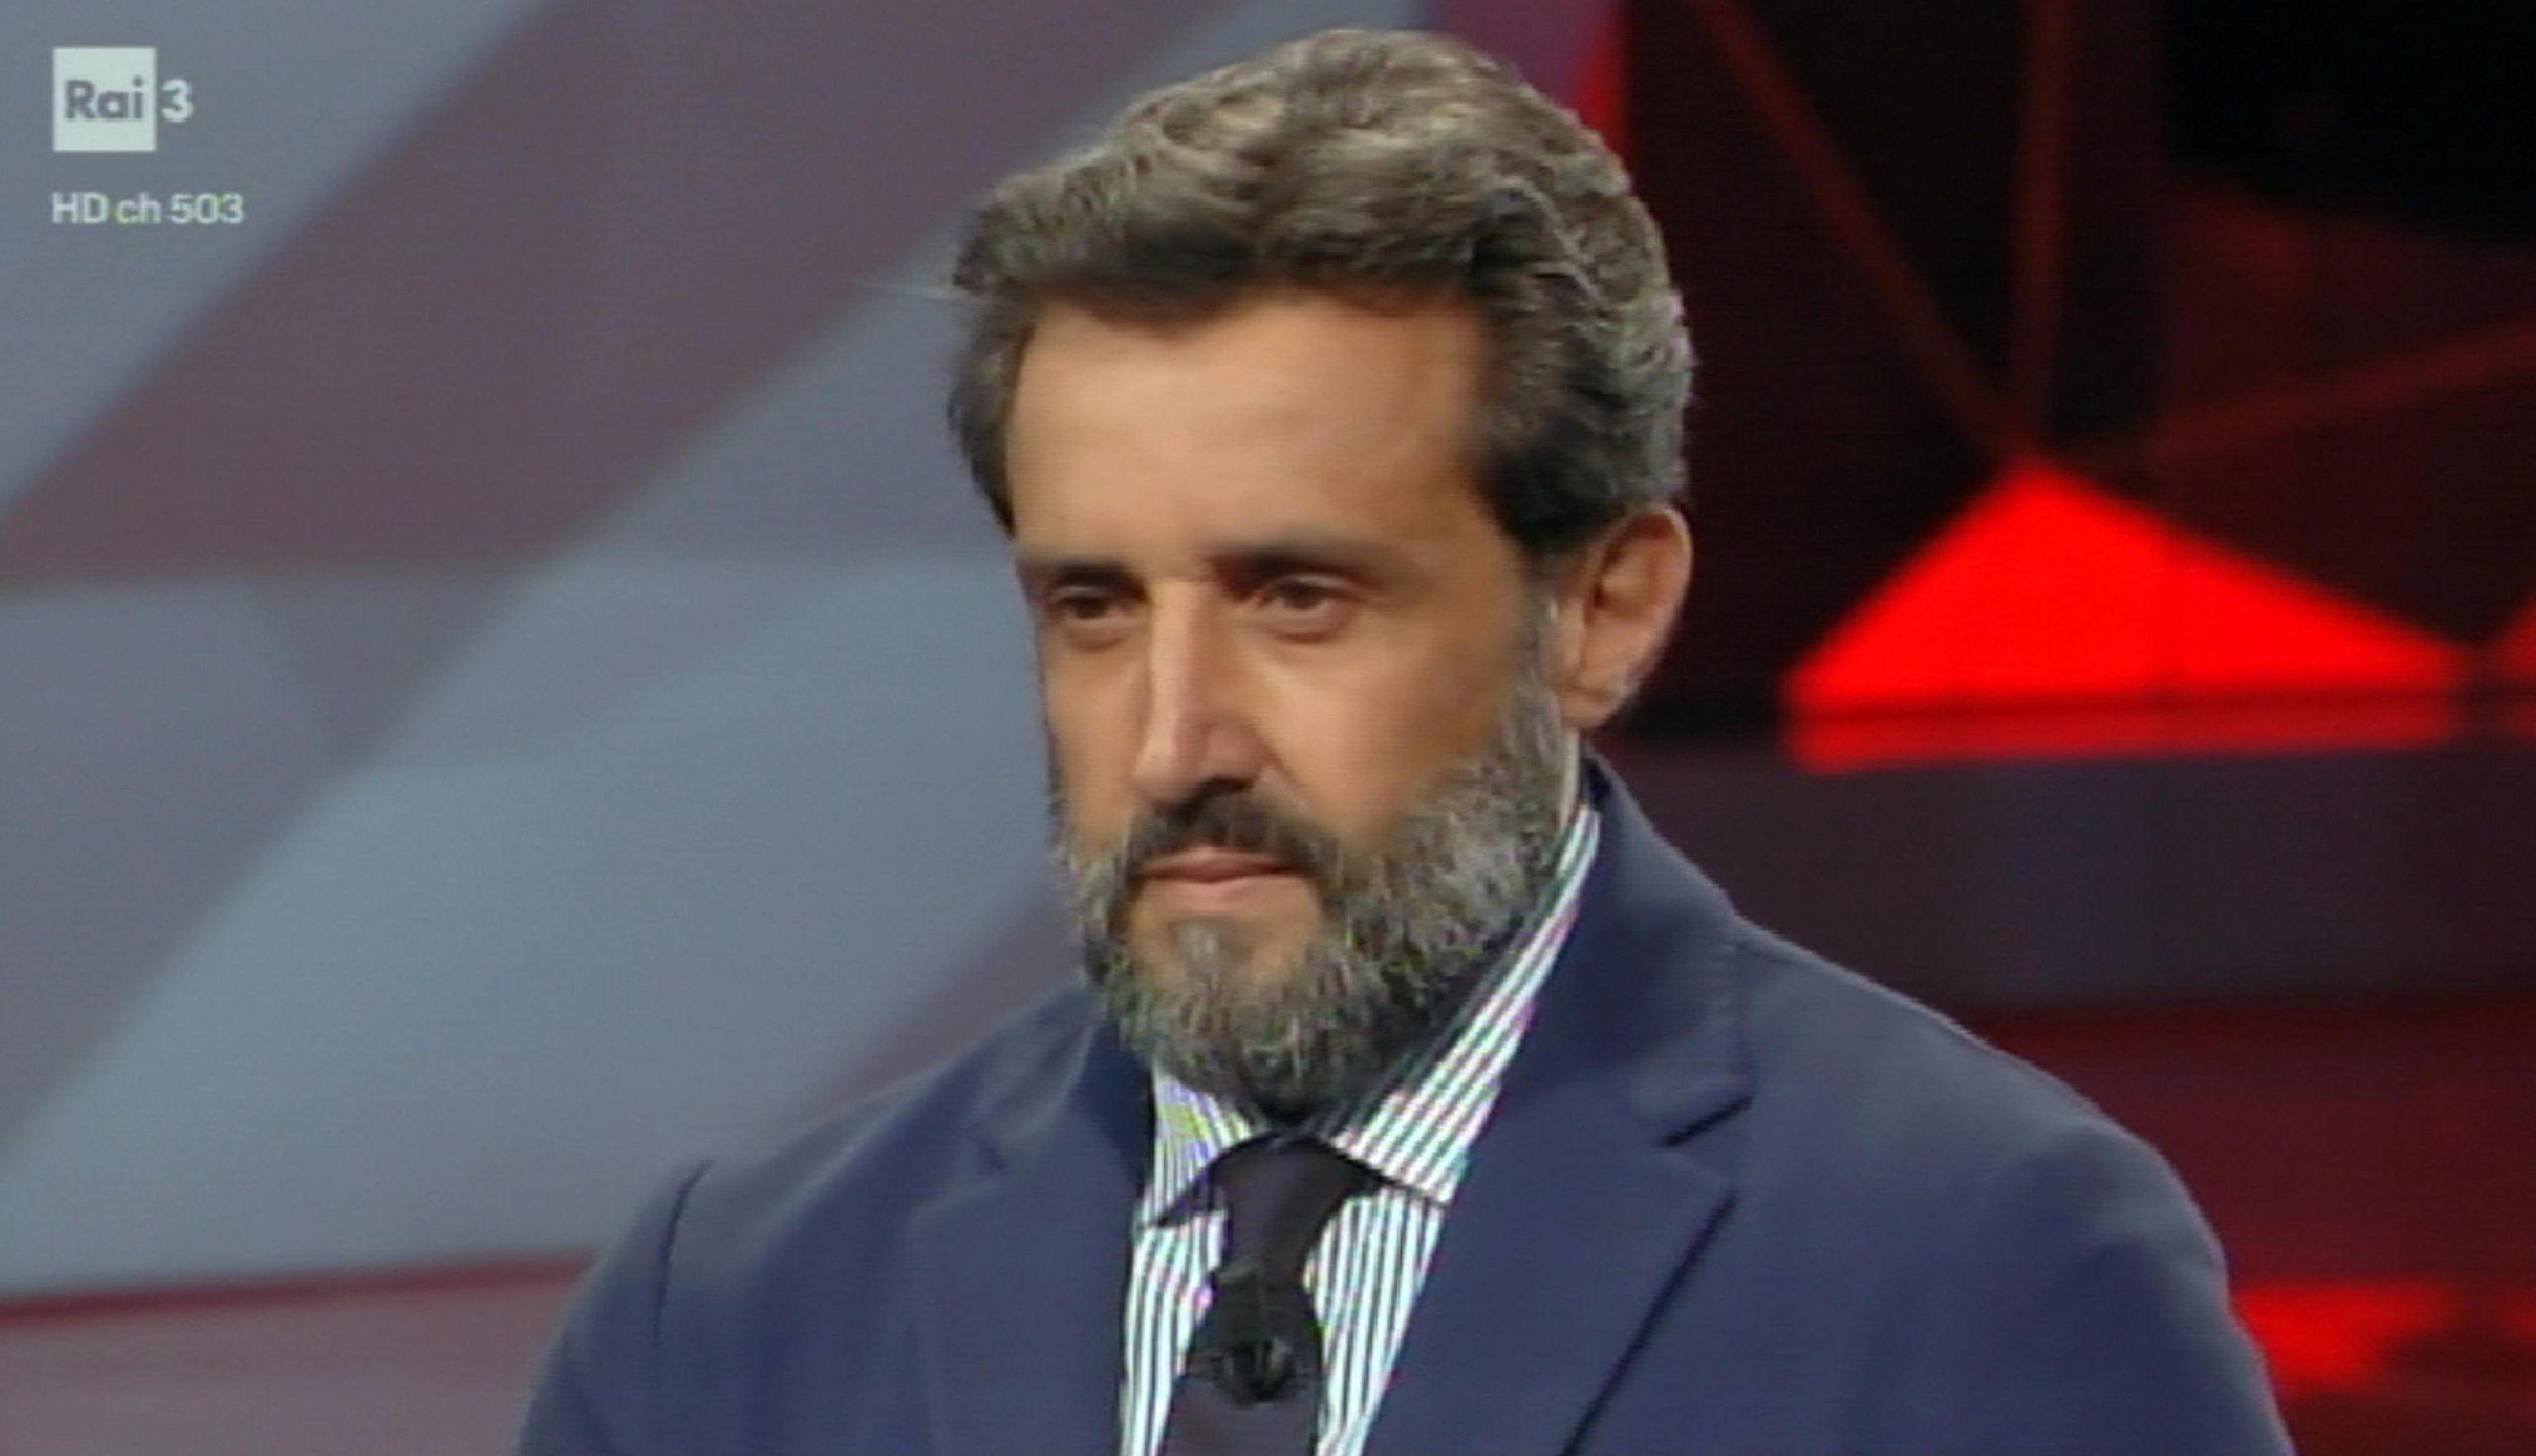 Flavio Insinna rimane in Rai dopo la vicenda Affari Tuoi: condurrà di nuovo Dopo Fiction